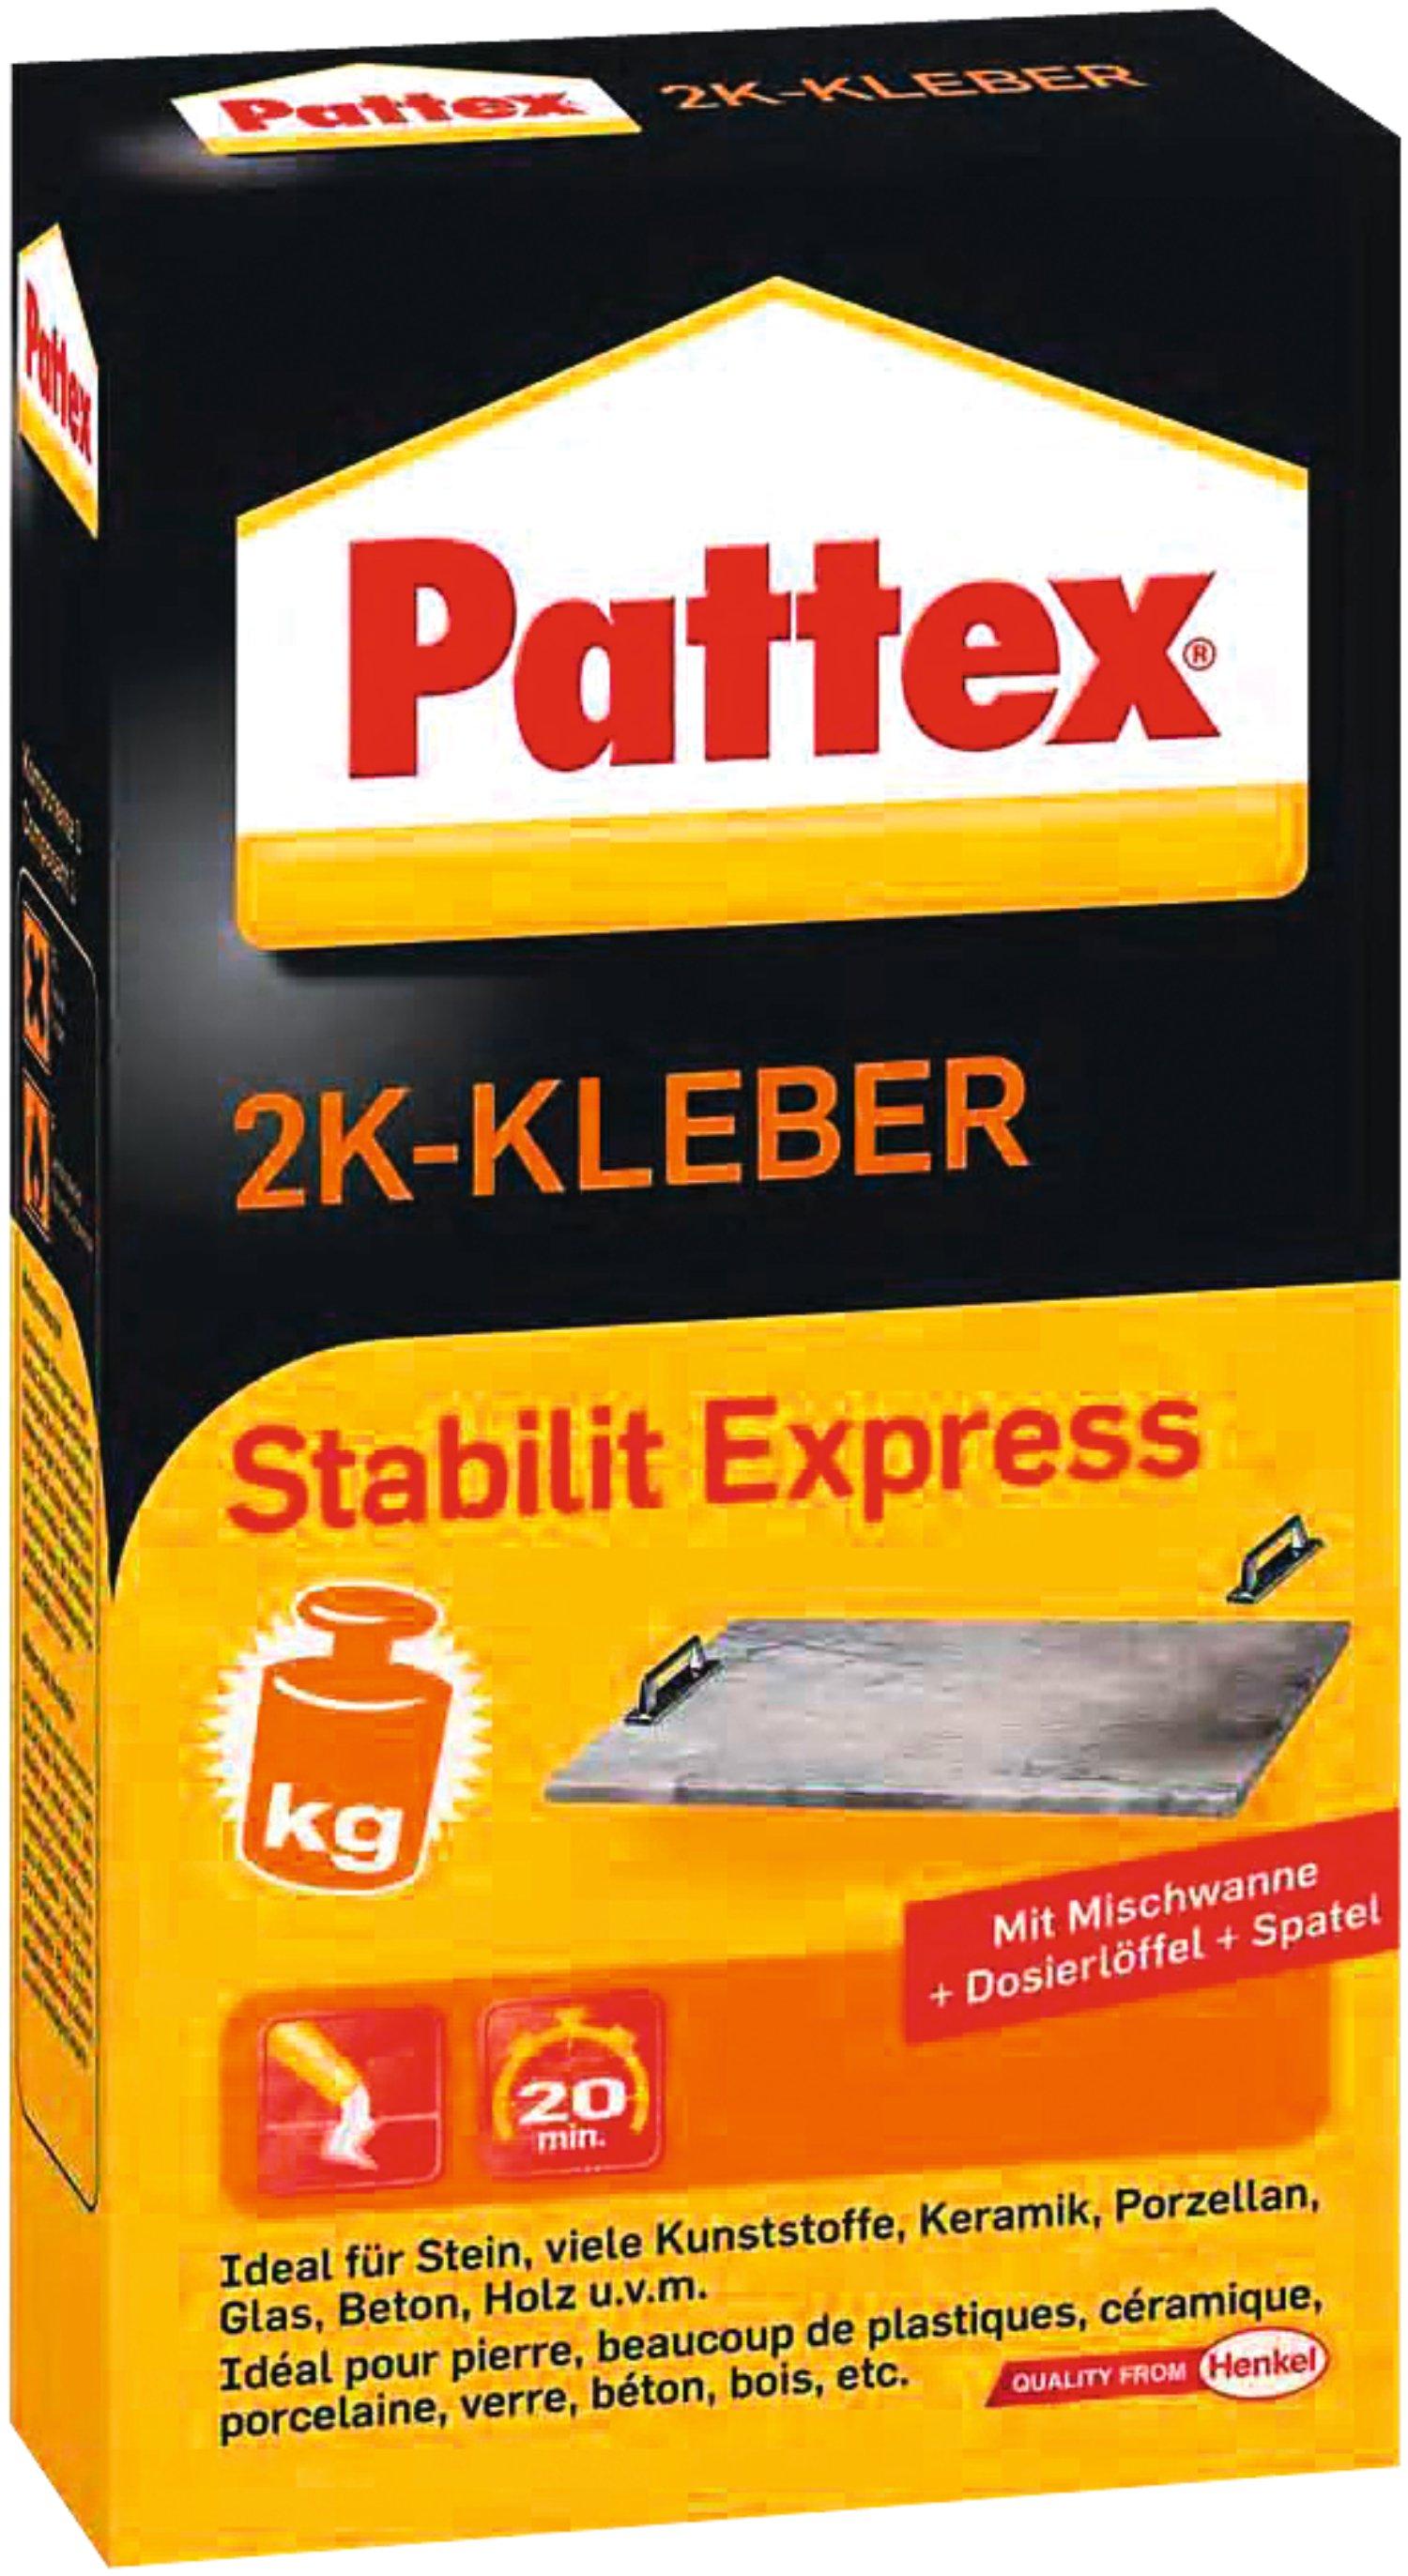 pattex 2k-kleber stabilit express   lagerhaus